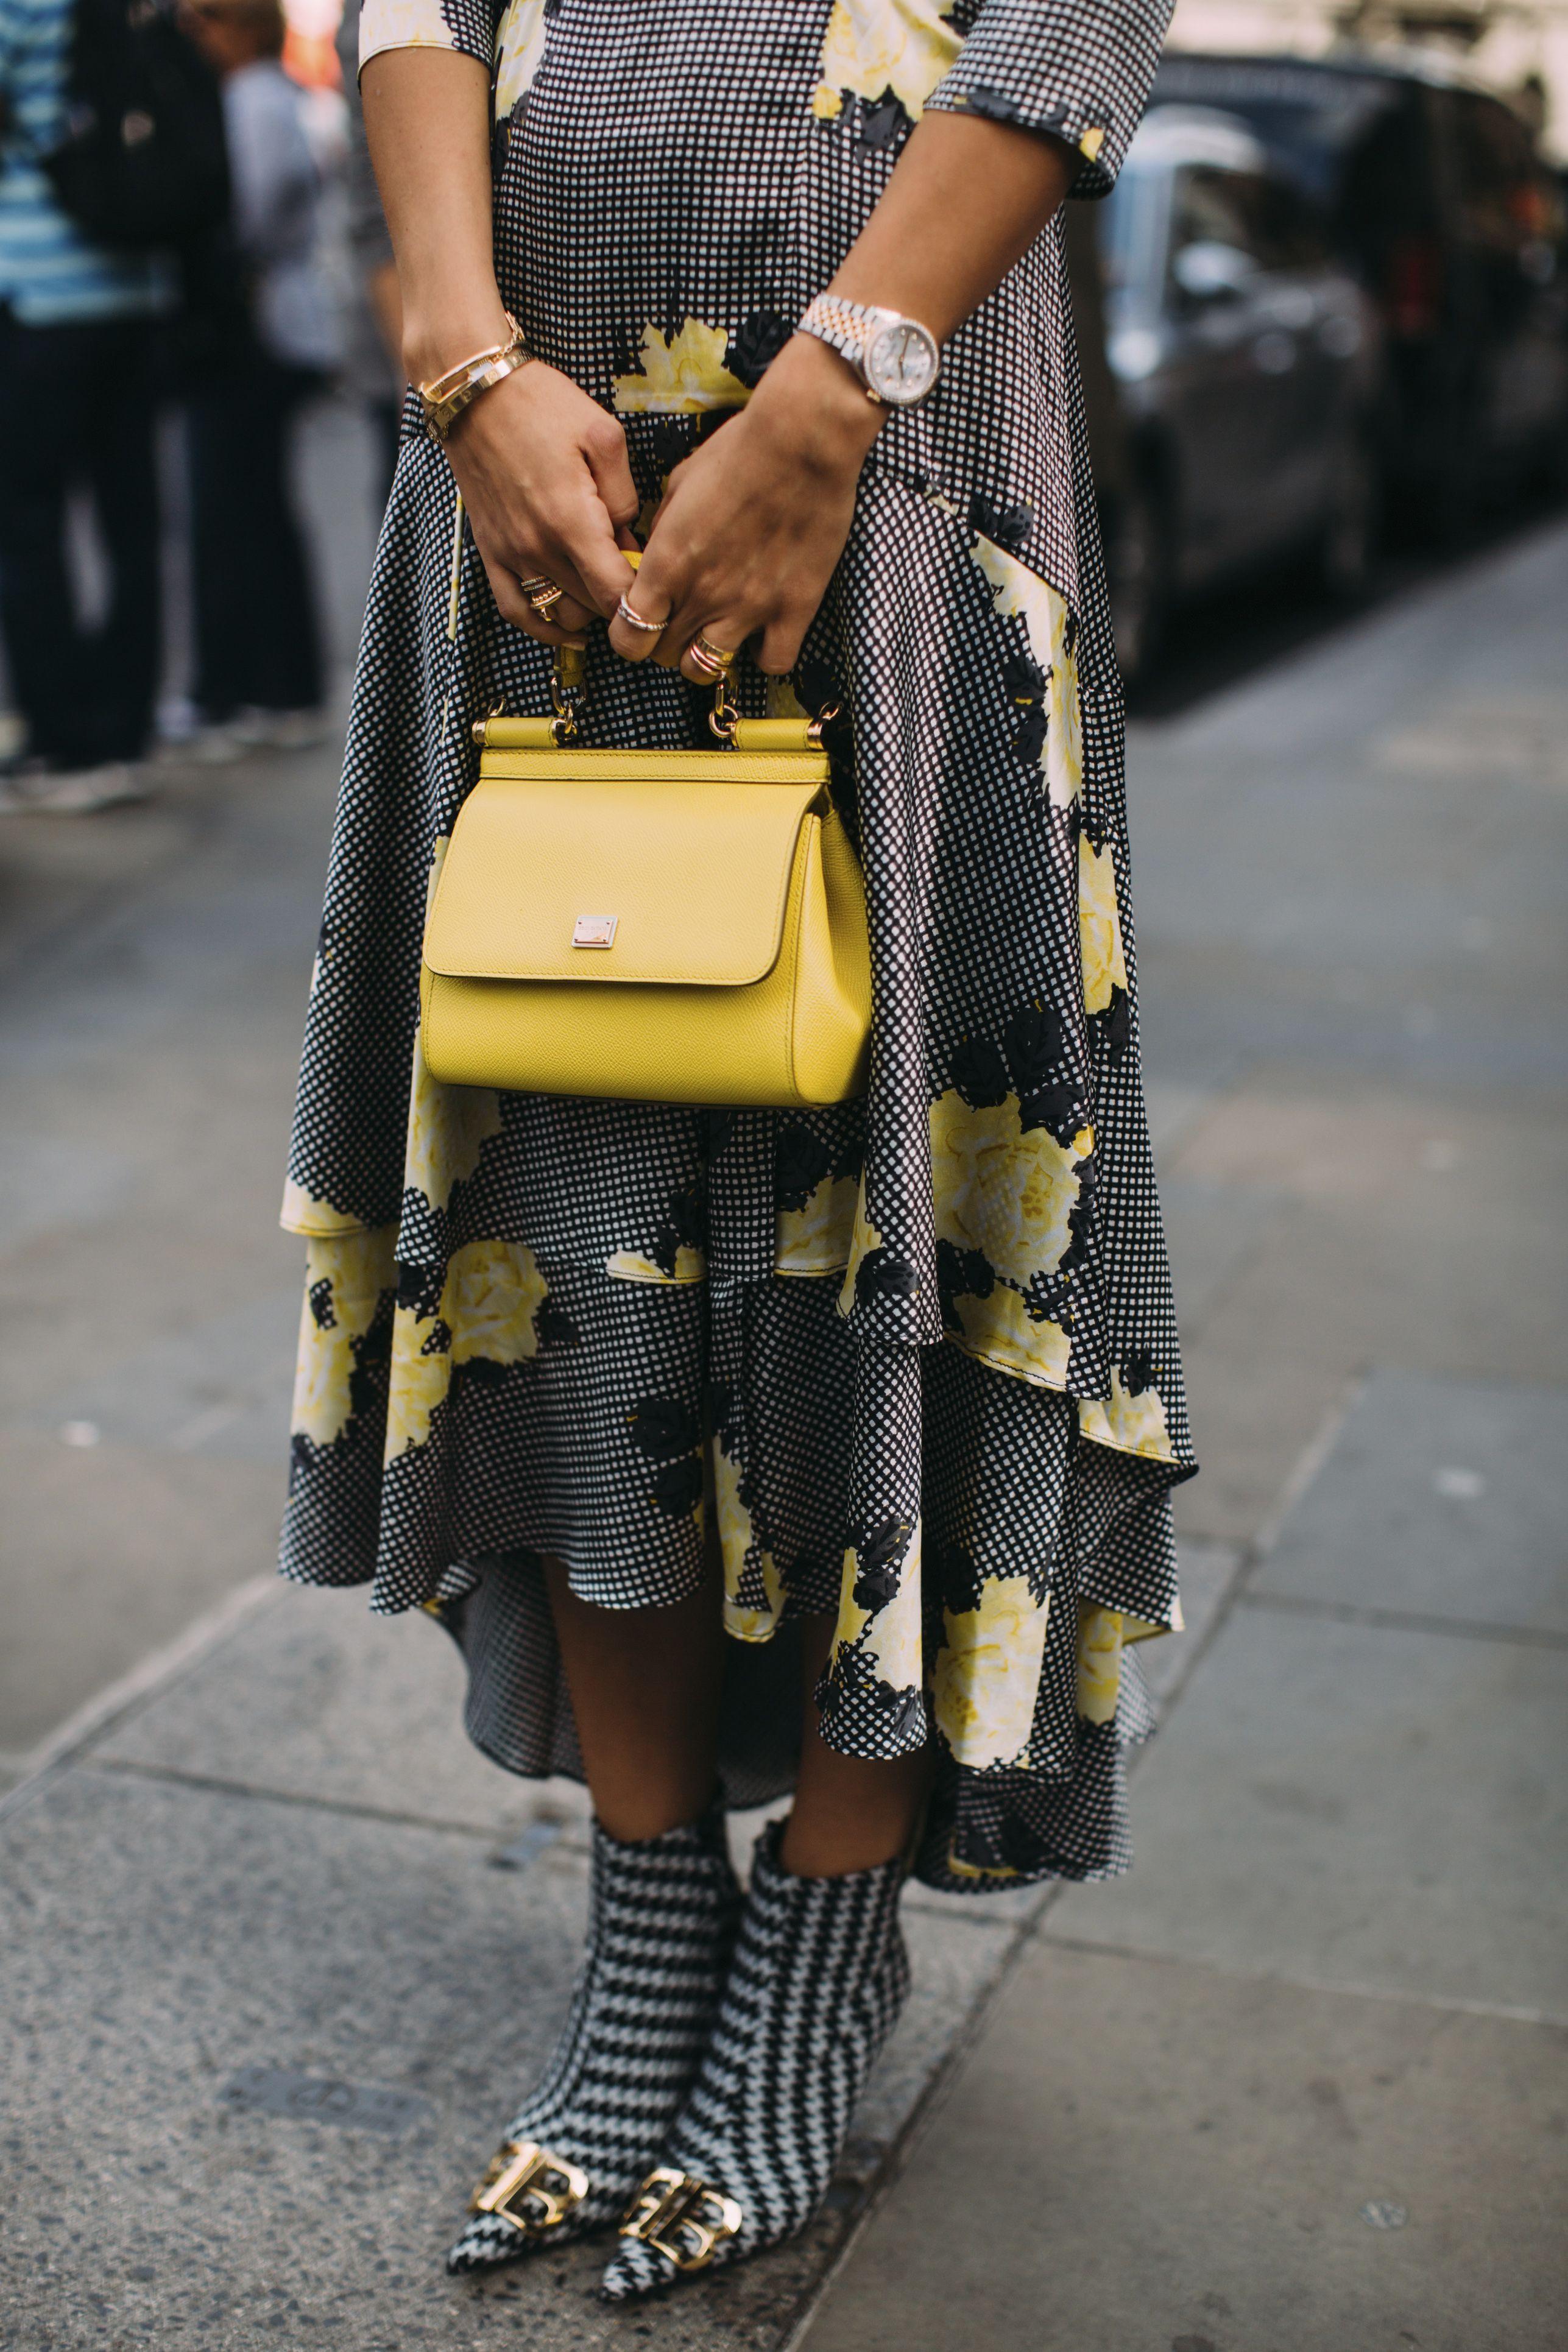 borse gialle 2019, borsa gialla, colori moda borse 2019